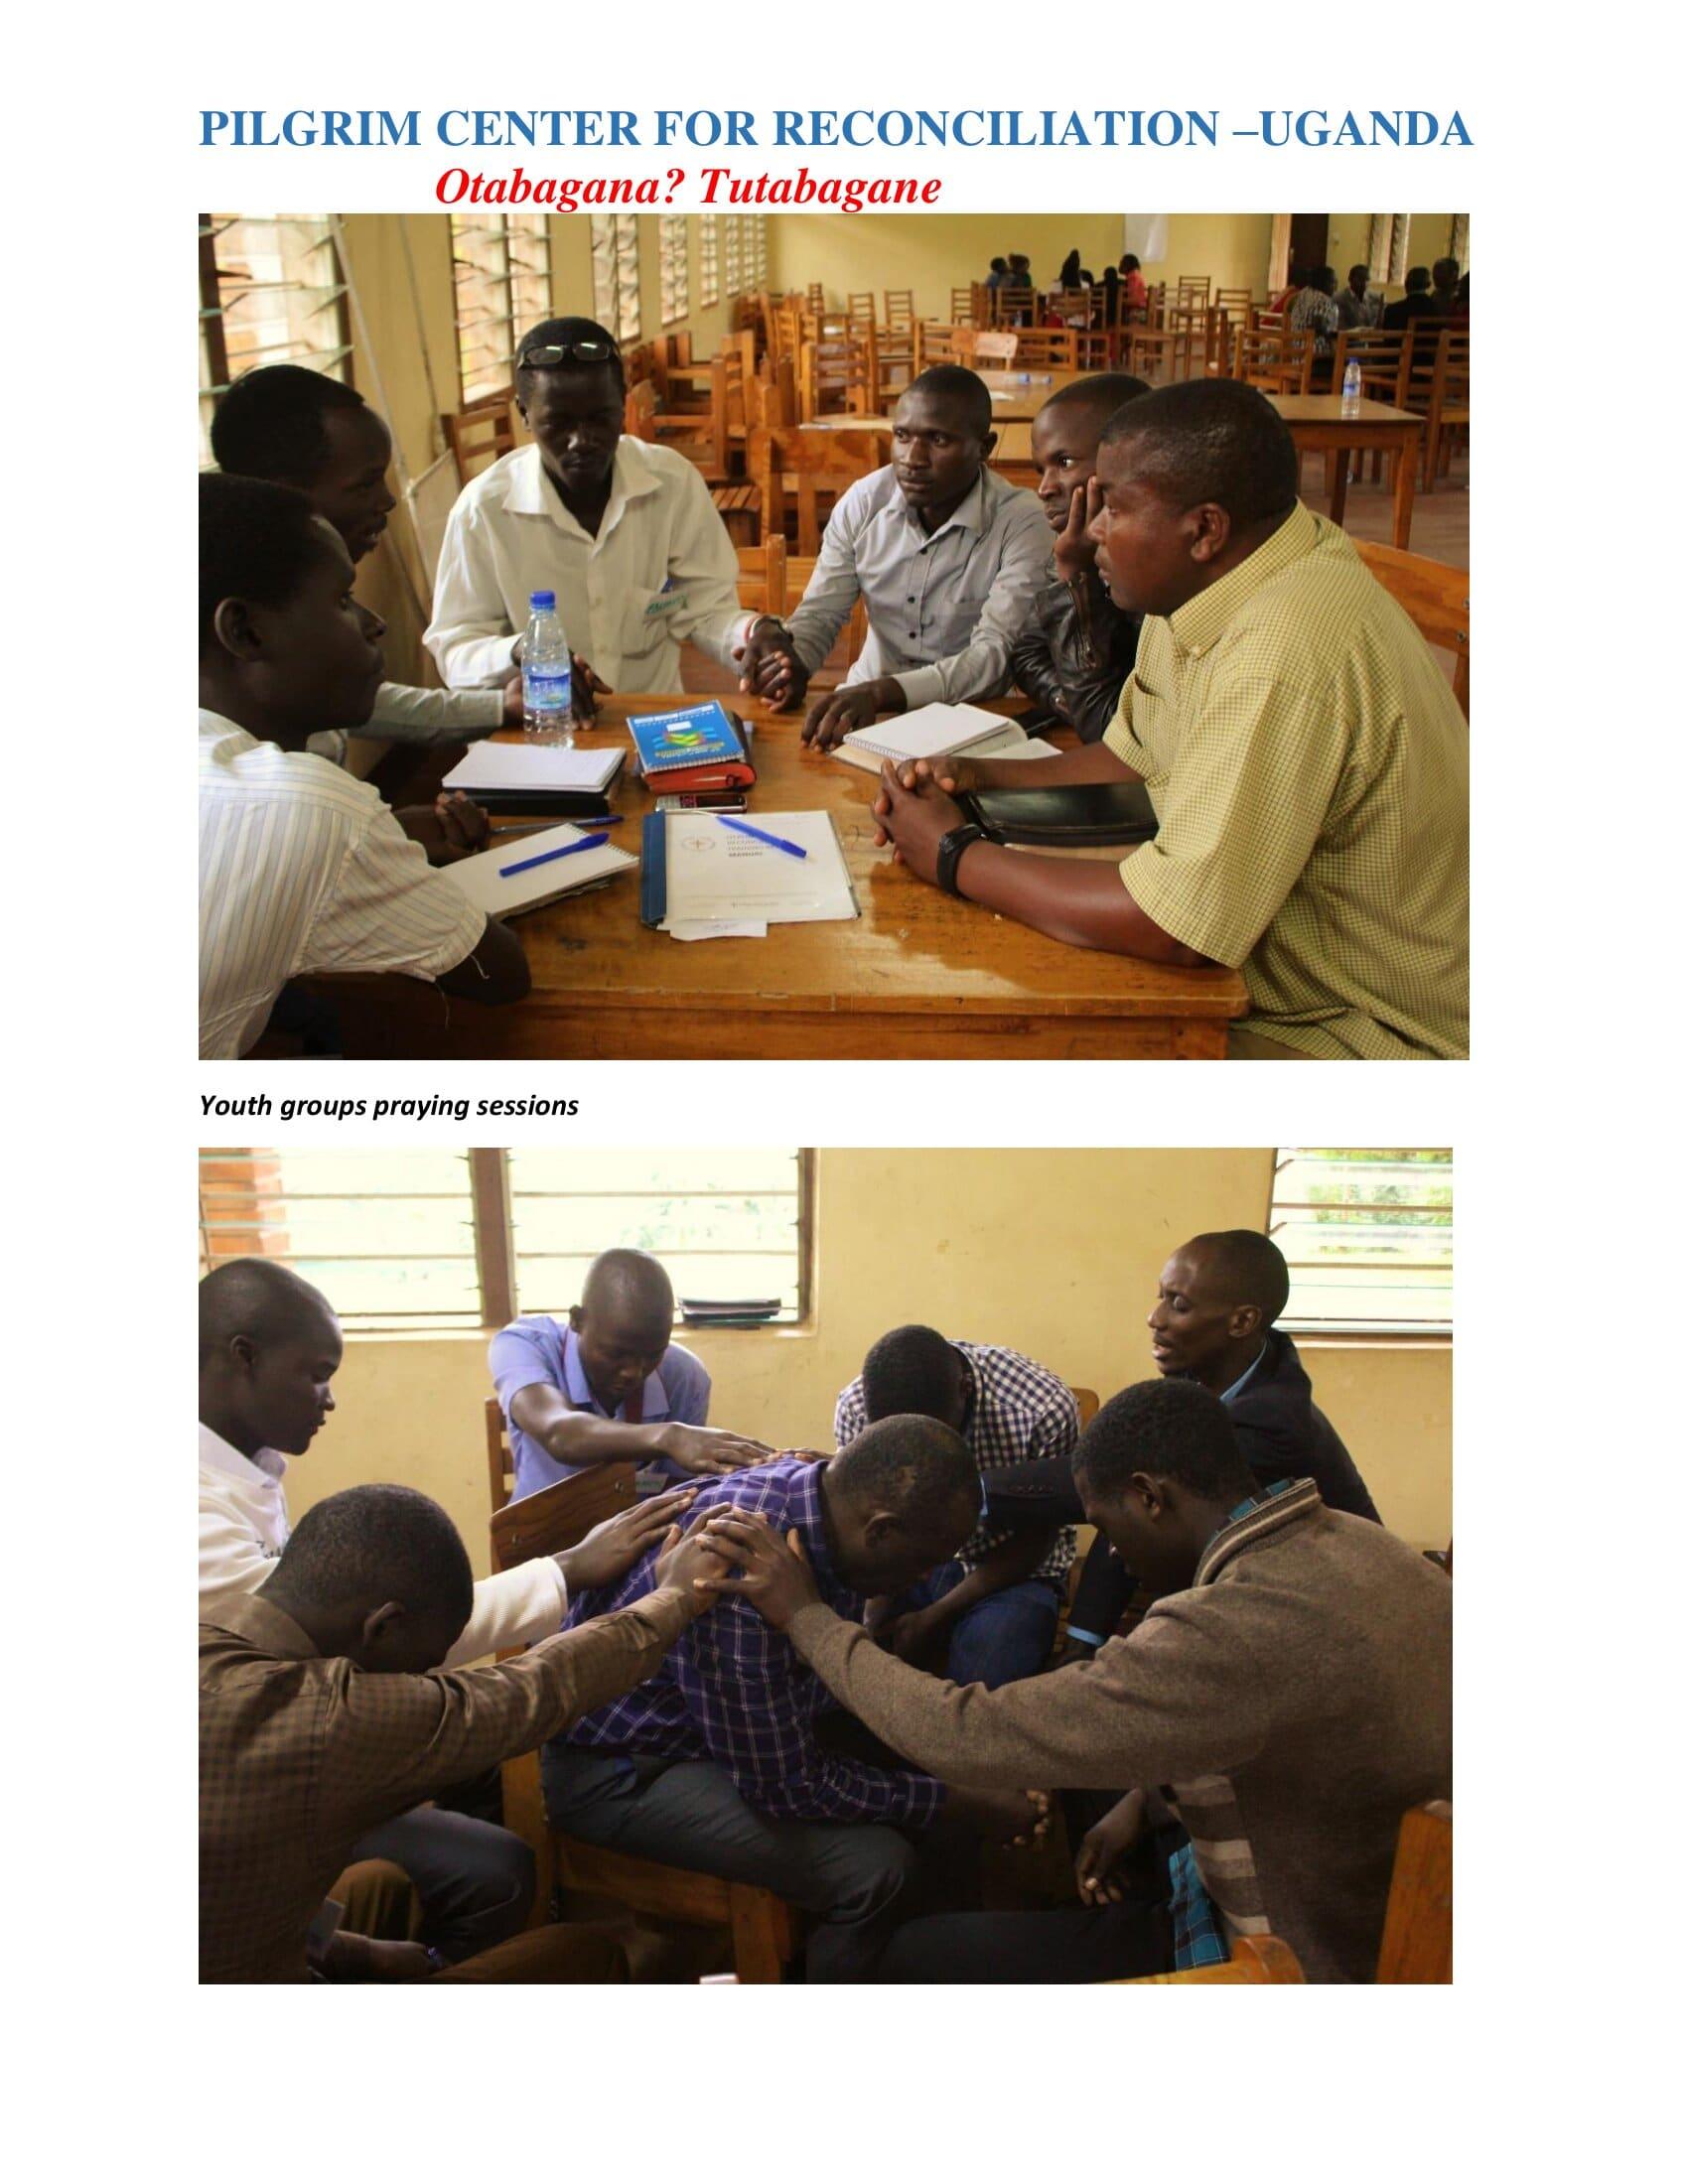 Pirigrim center for reconcilation -Uganda _0006-min